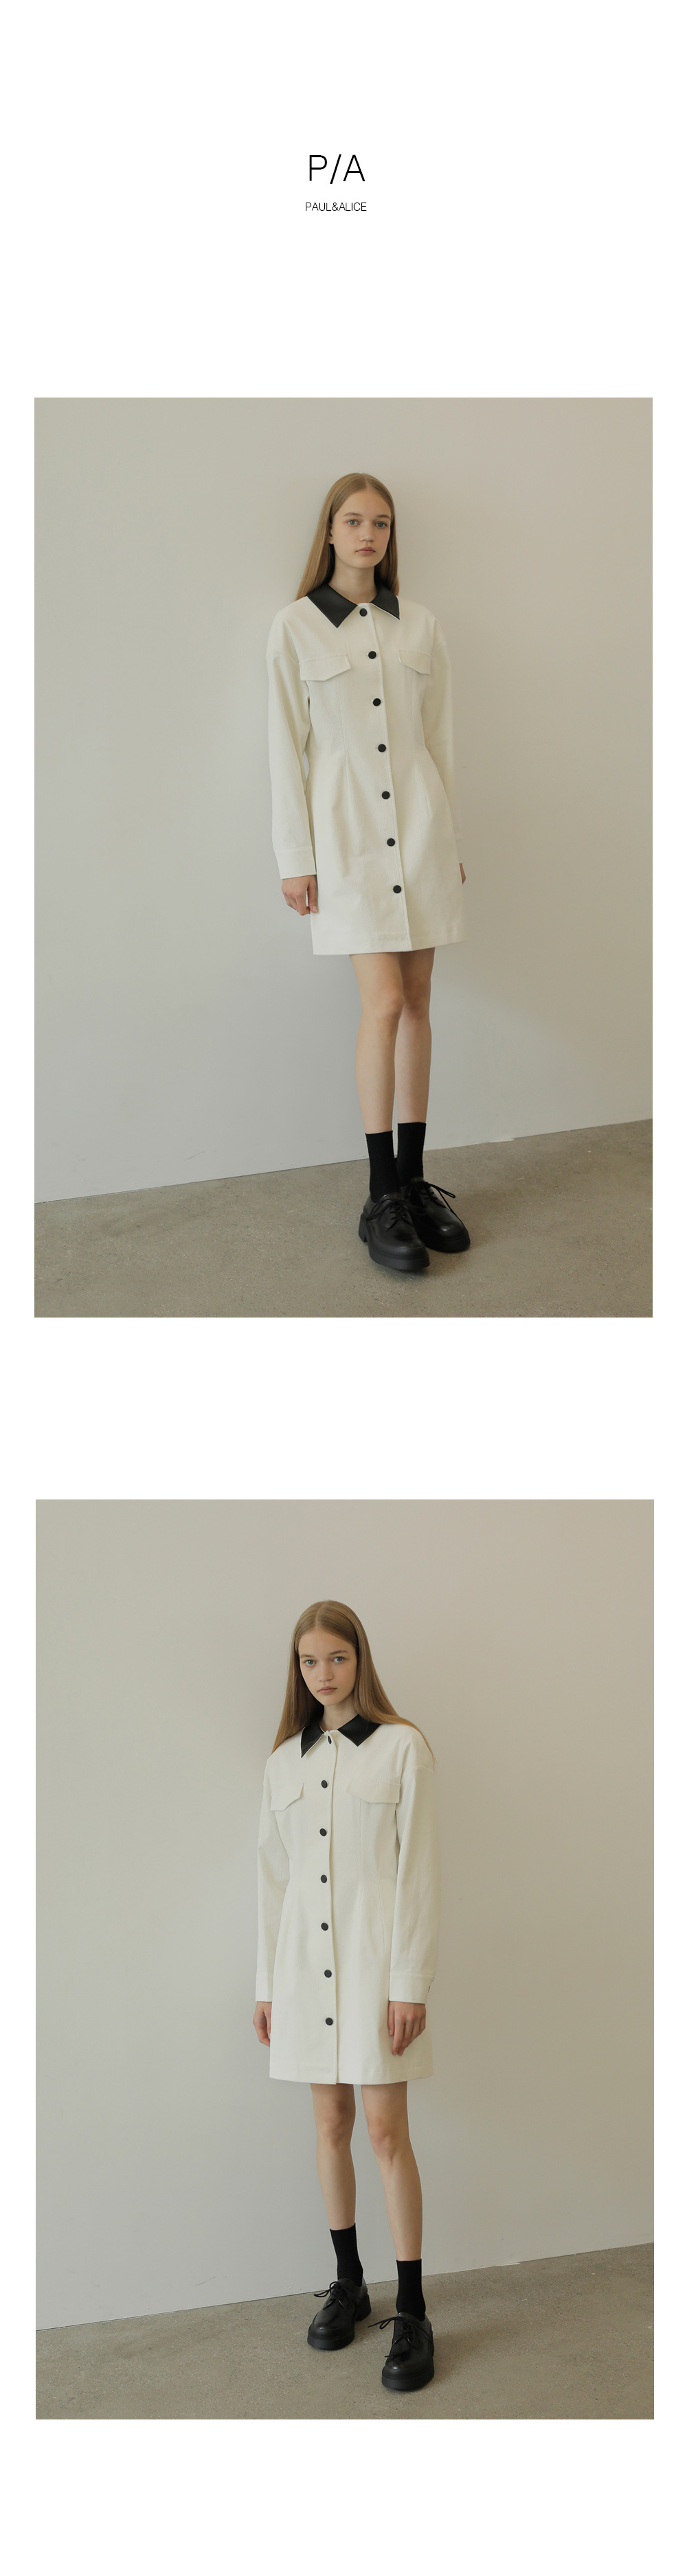 악세사리 모델 착용 이미지-S1L3